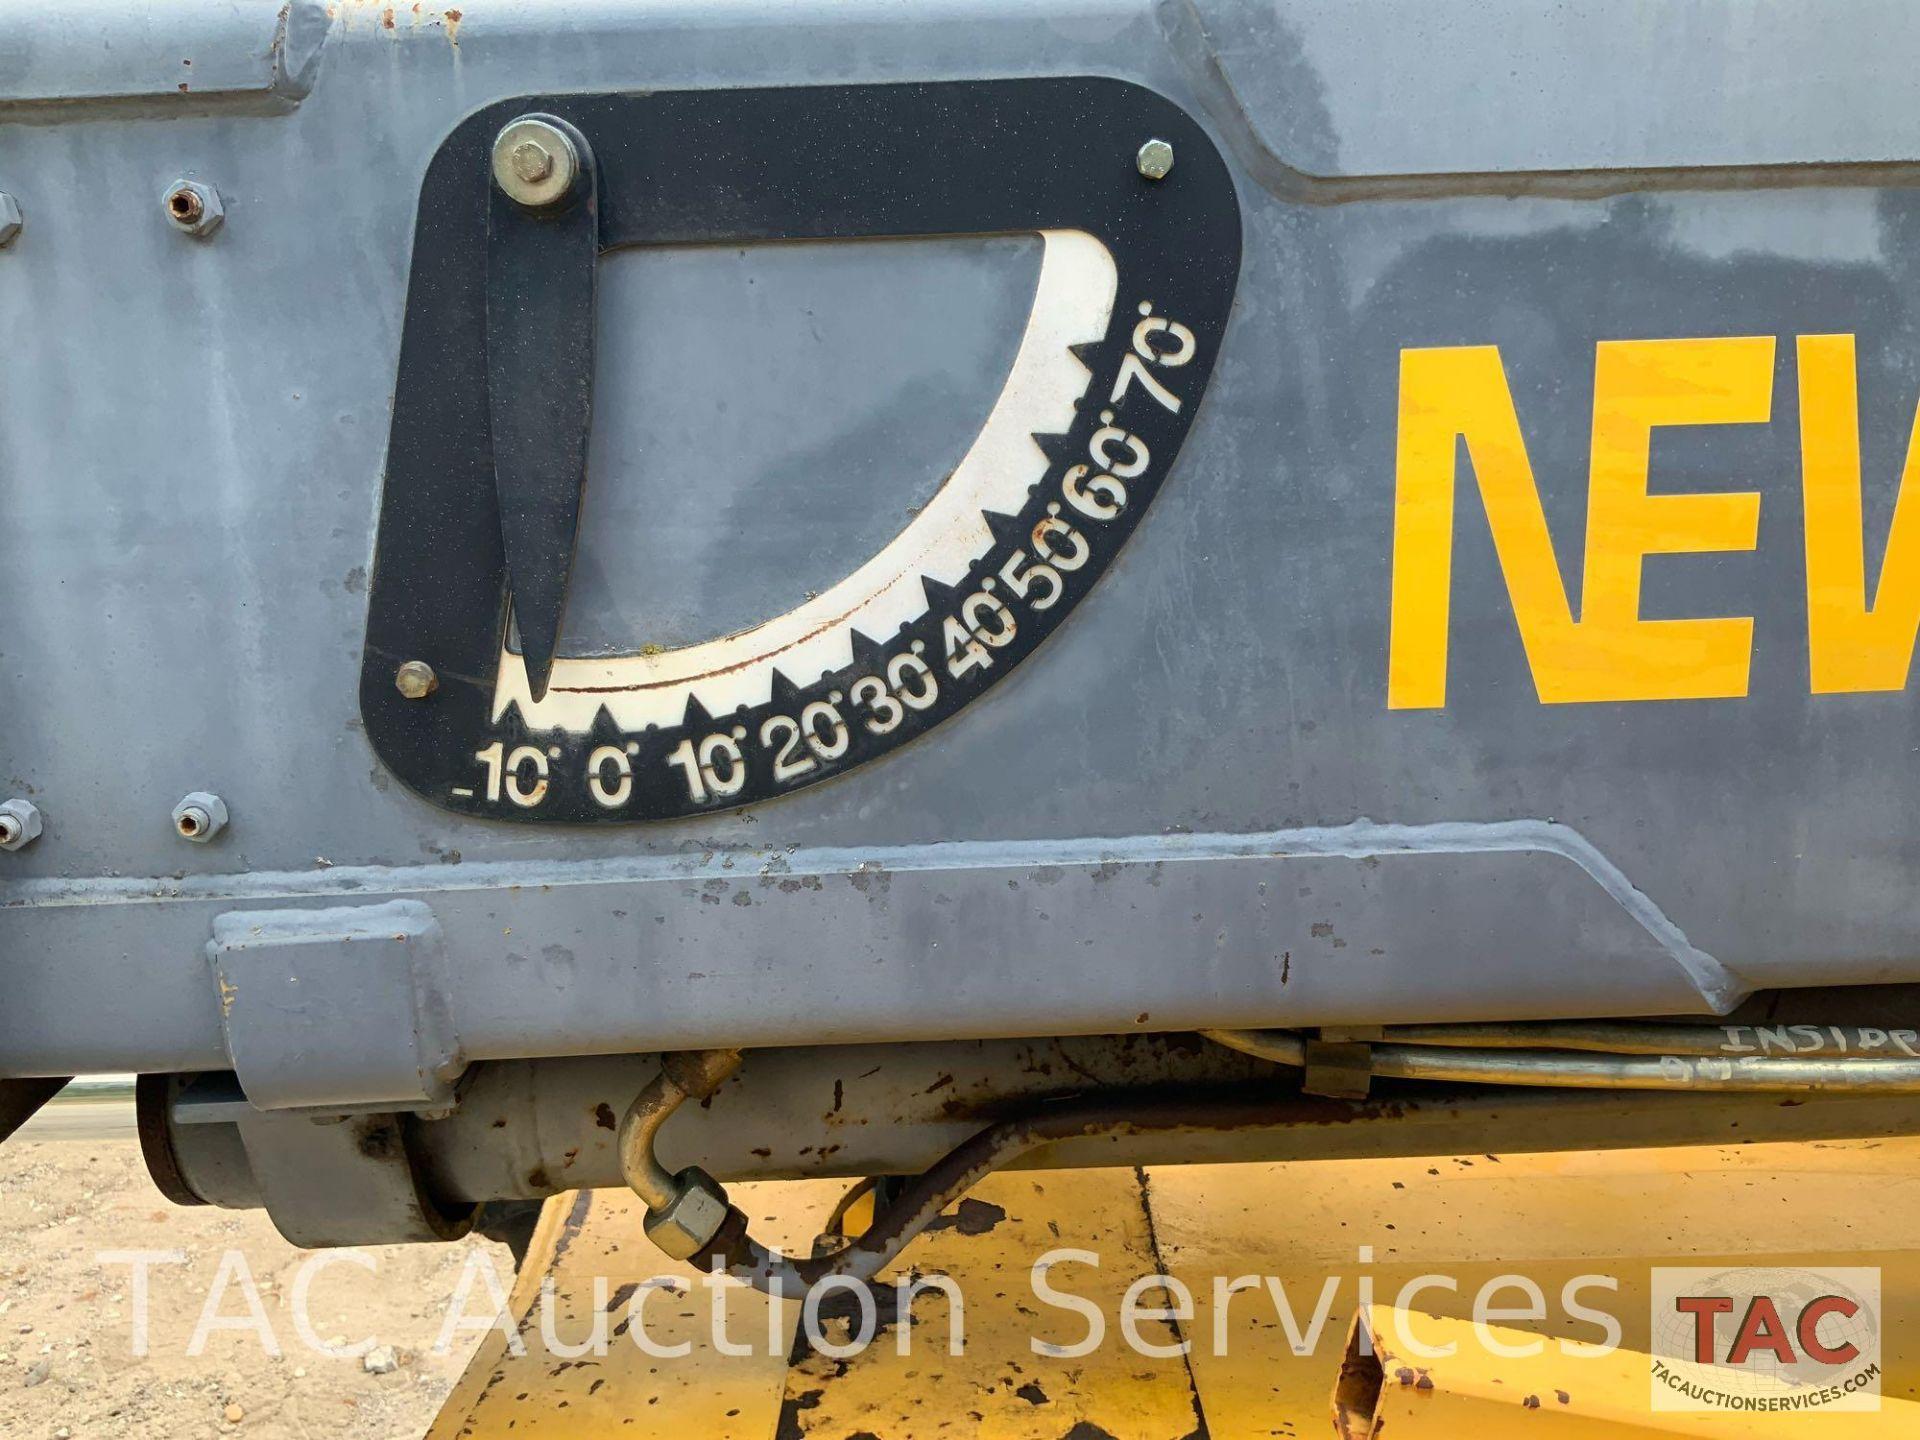 1999 New Holland LM840 Telehandler Forklift - Image 14 of 25